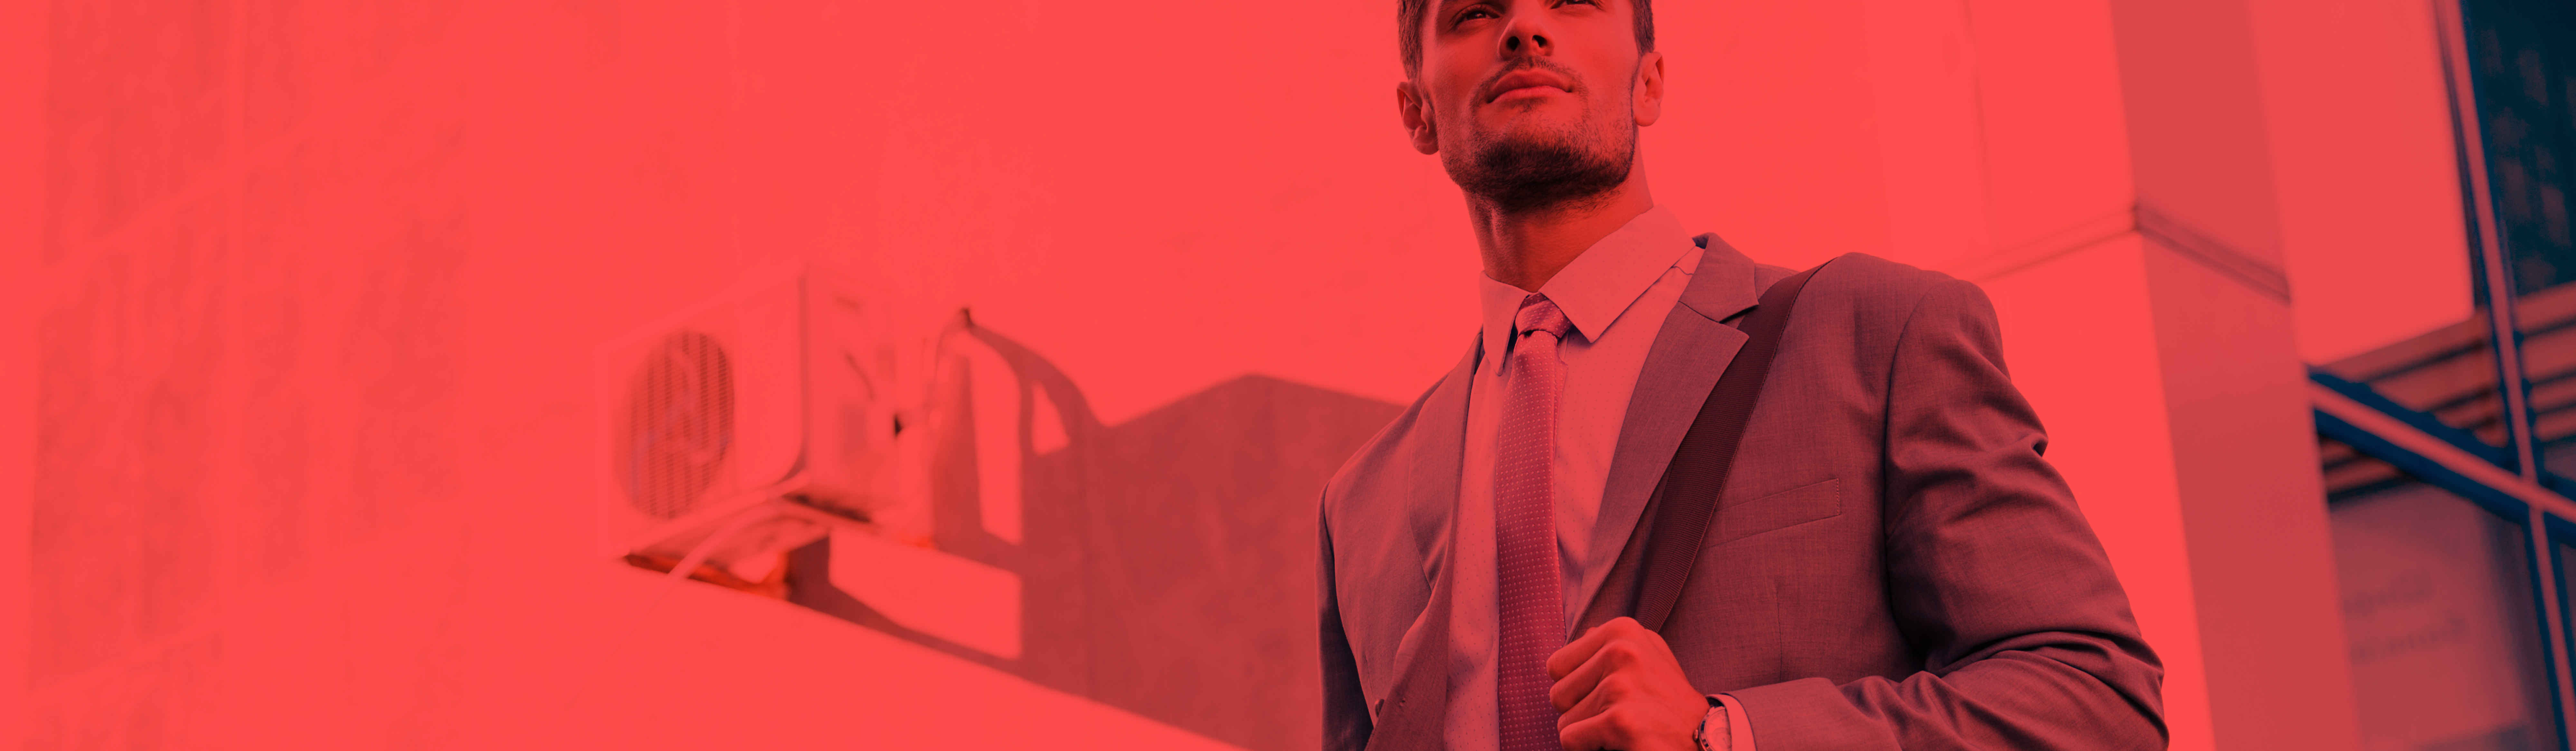 Secovi eadbox banner tecnicas de vendas